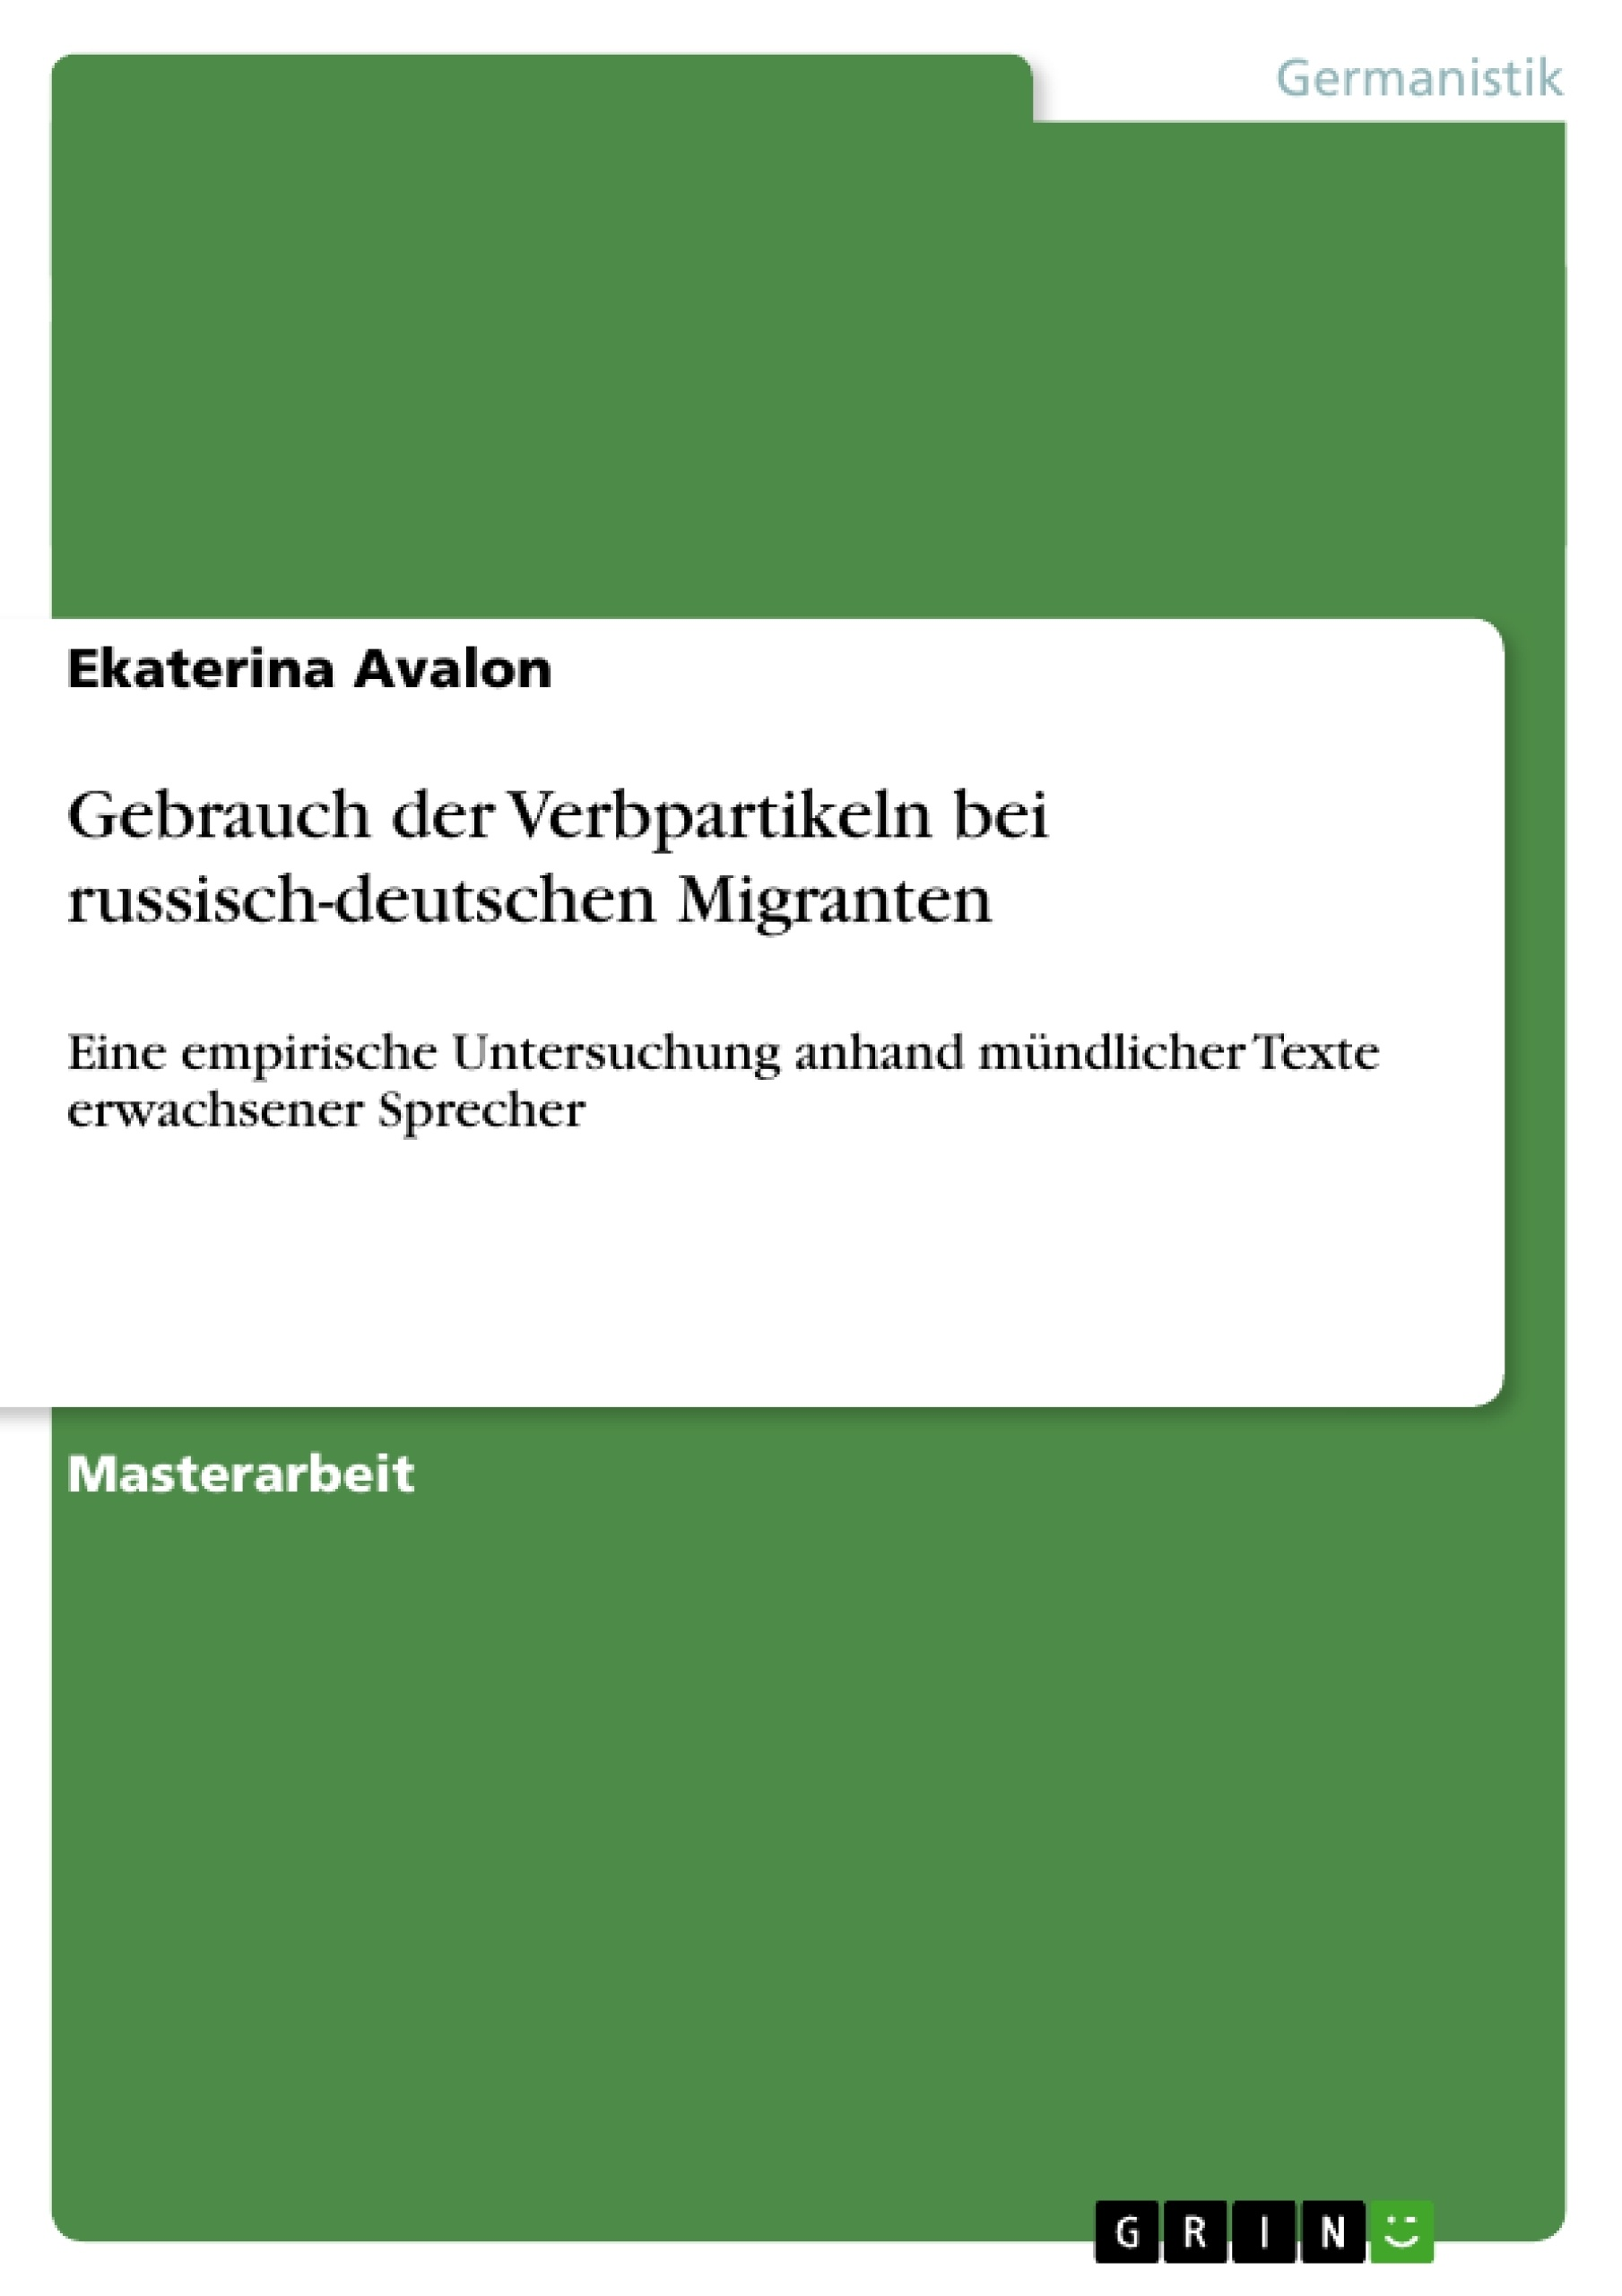 Titel: Gebrauch der Verbpartikeln bei russisch-deutschen Migranten